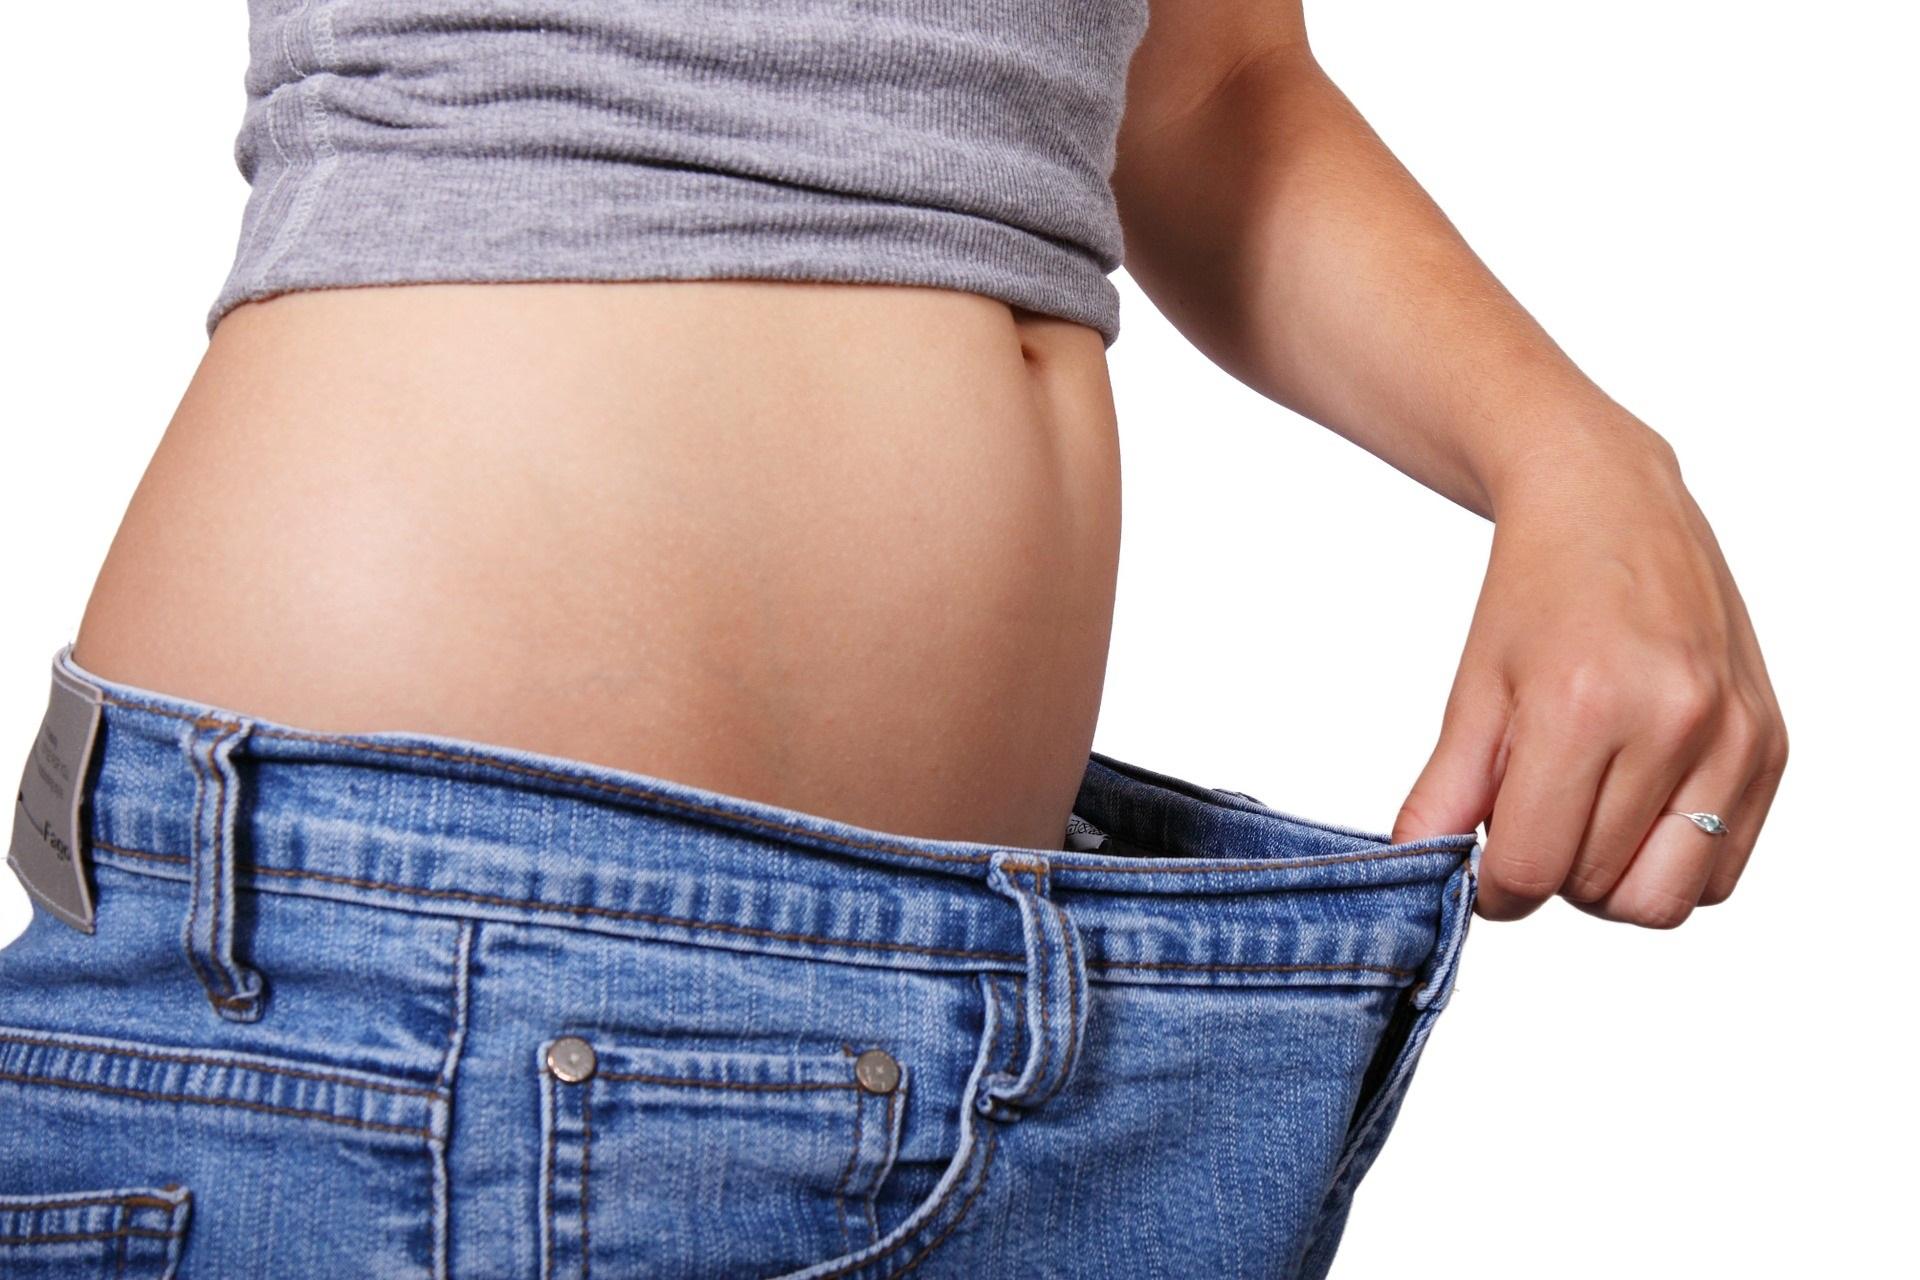 Esercizi cardio in casa senza attrezzi: per dimagrire senza andare in palestra